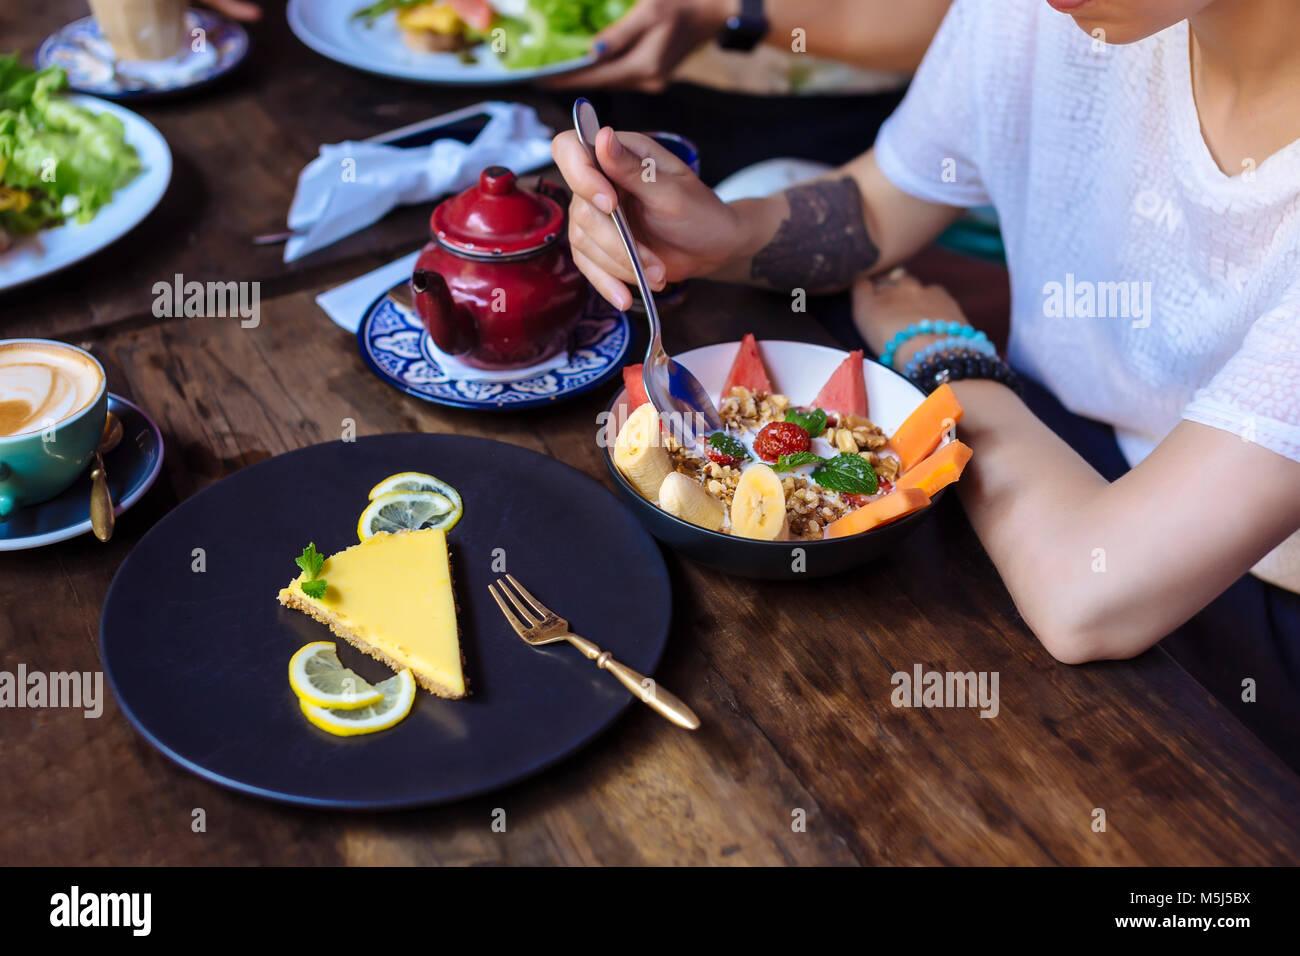 Femme ayant un repas sain dans un café Photo Stock